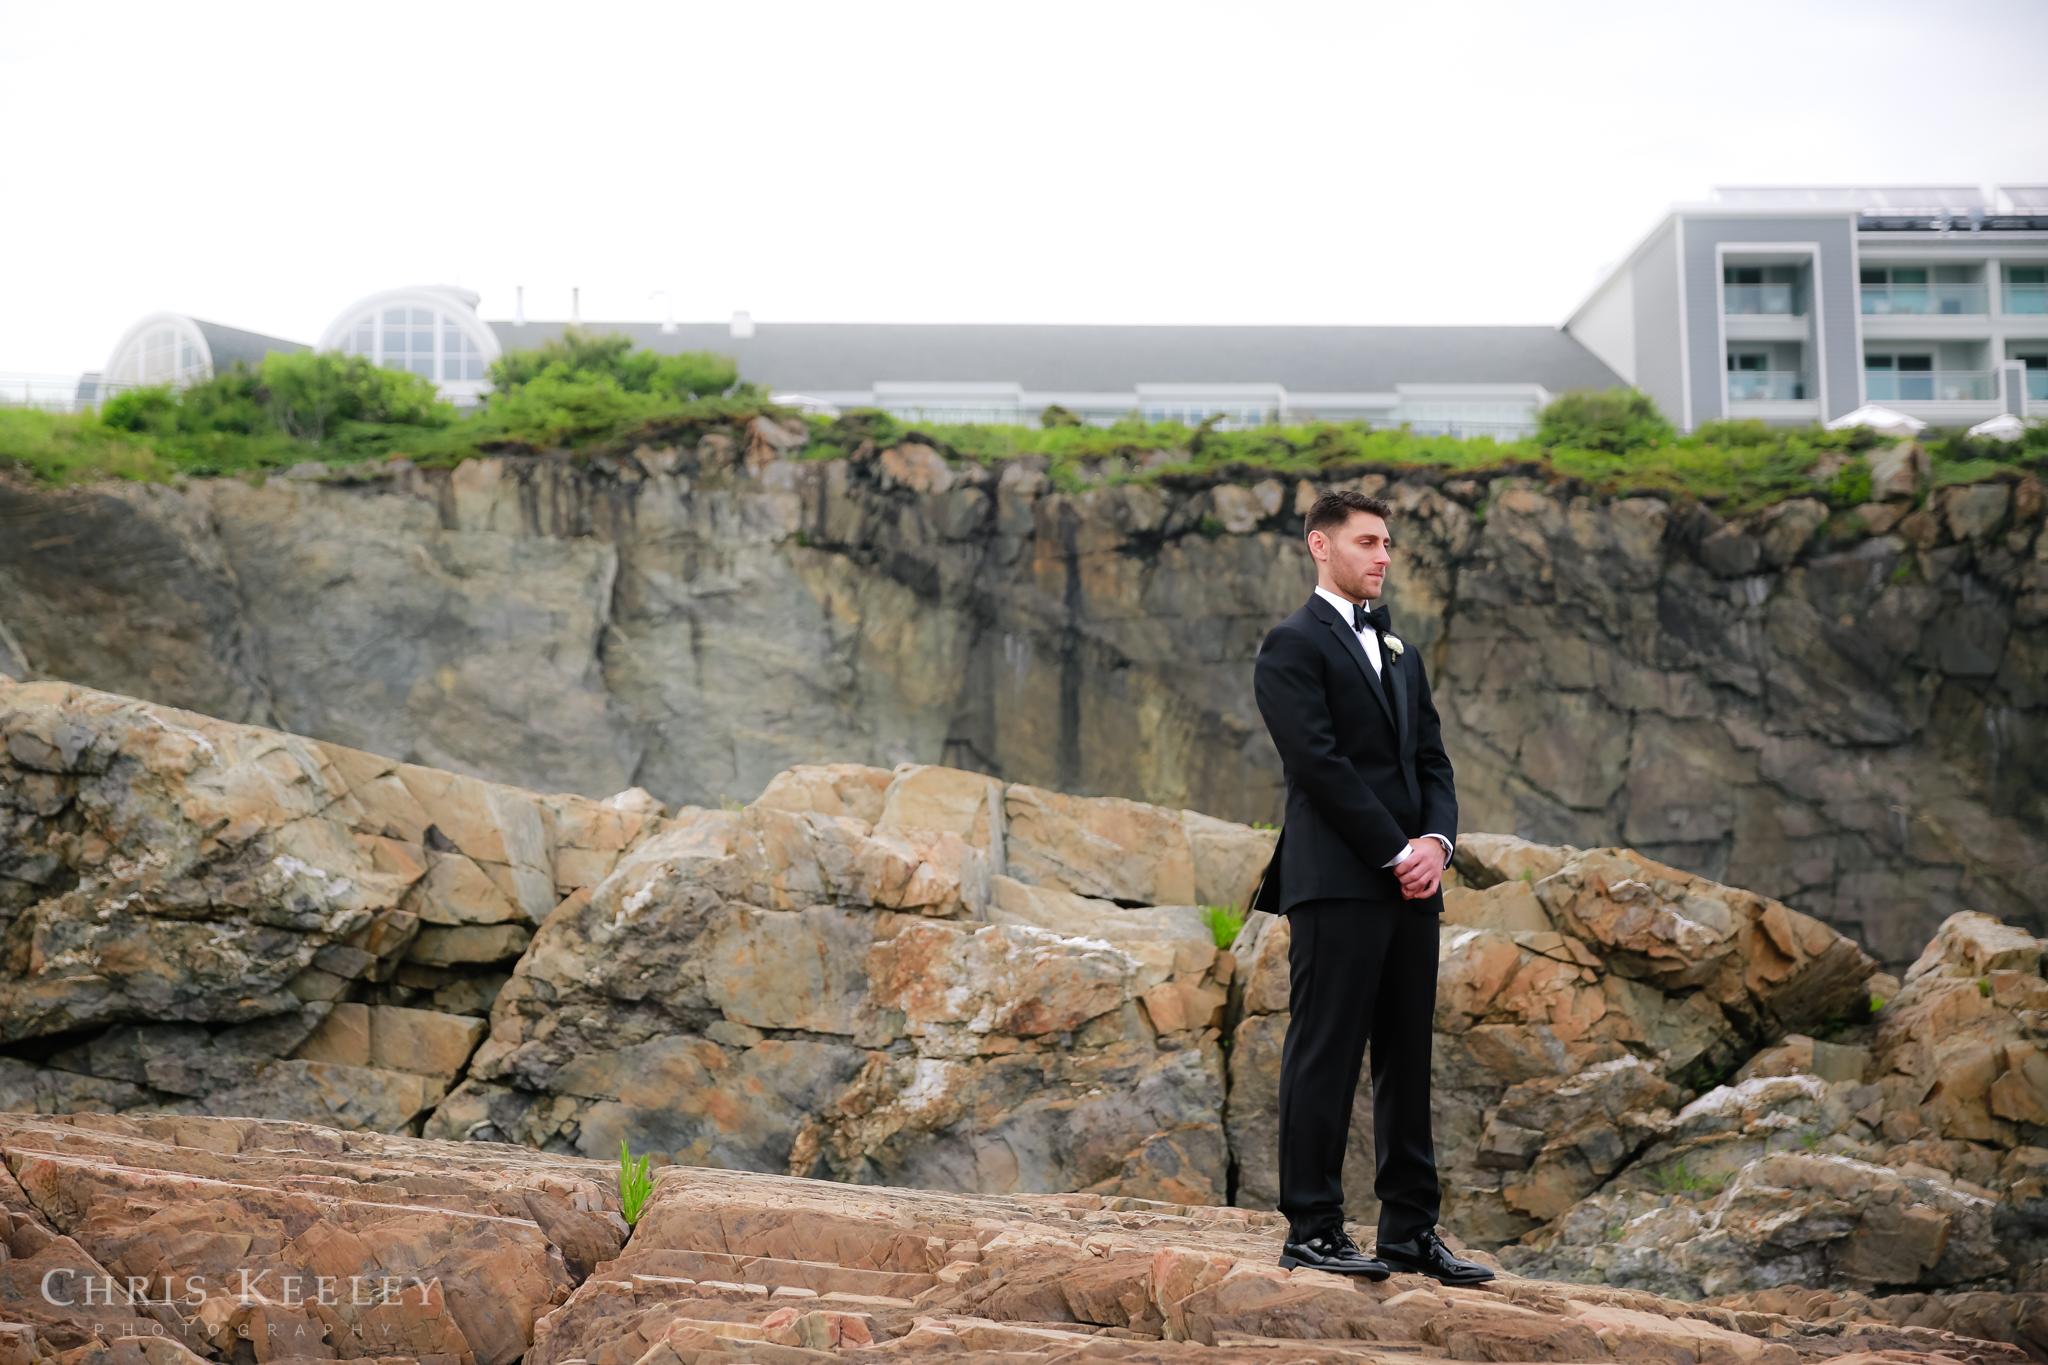 cliff-house-maine-wedding-photographer-chris-keeley-27.jpg